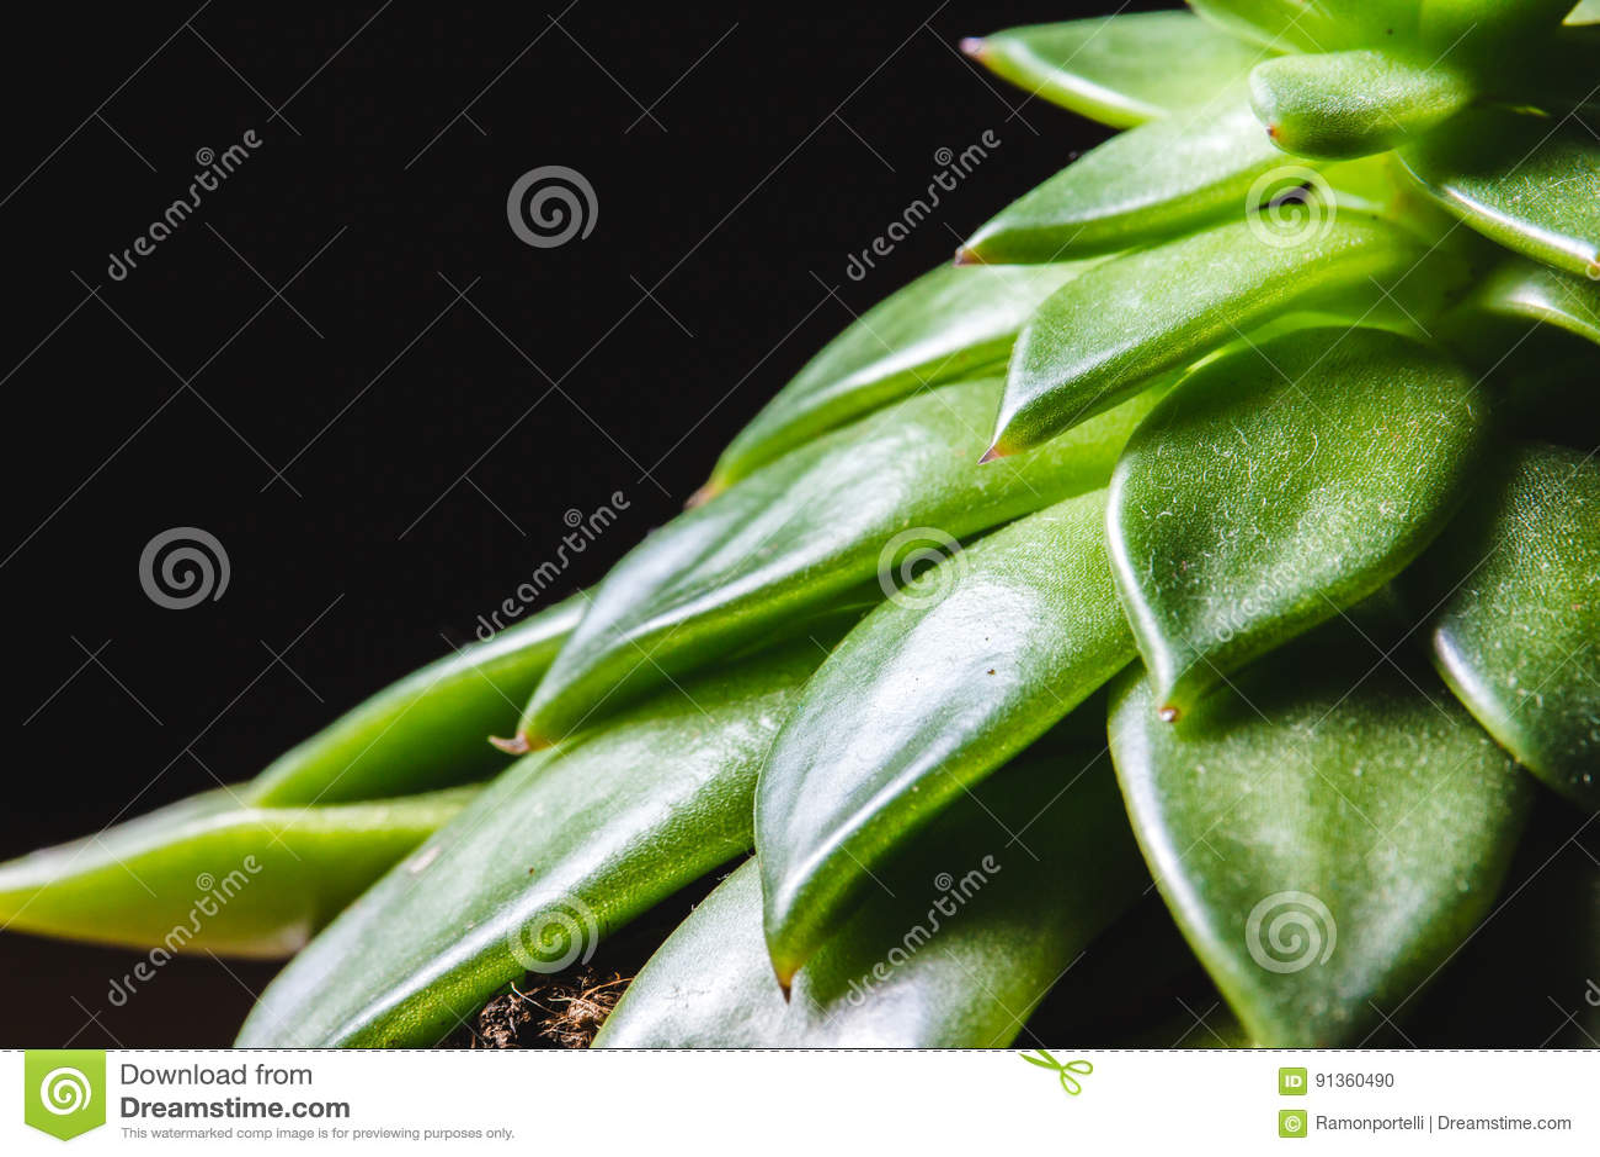 Ciérrese encima del extracto de hojas de punta de un pl interior suculento verde